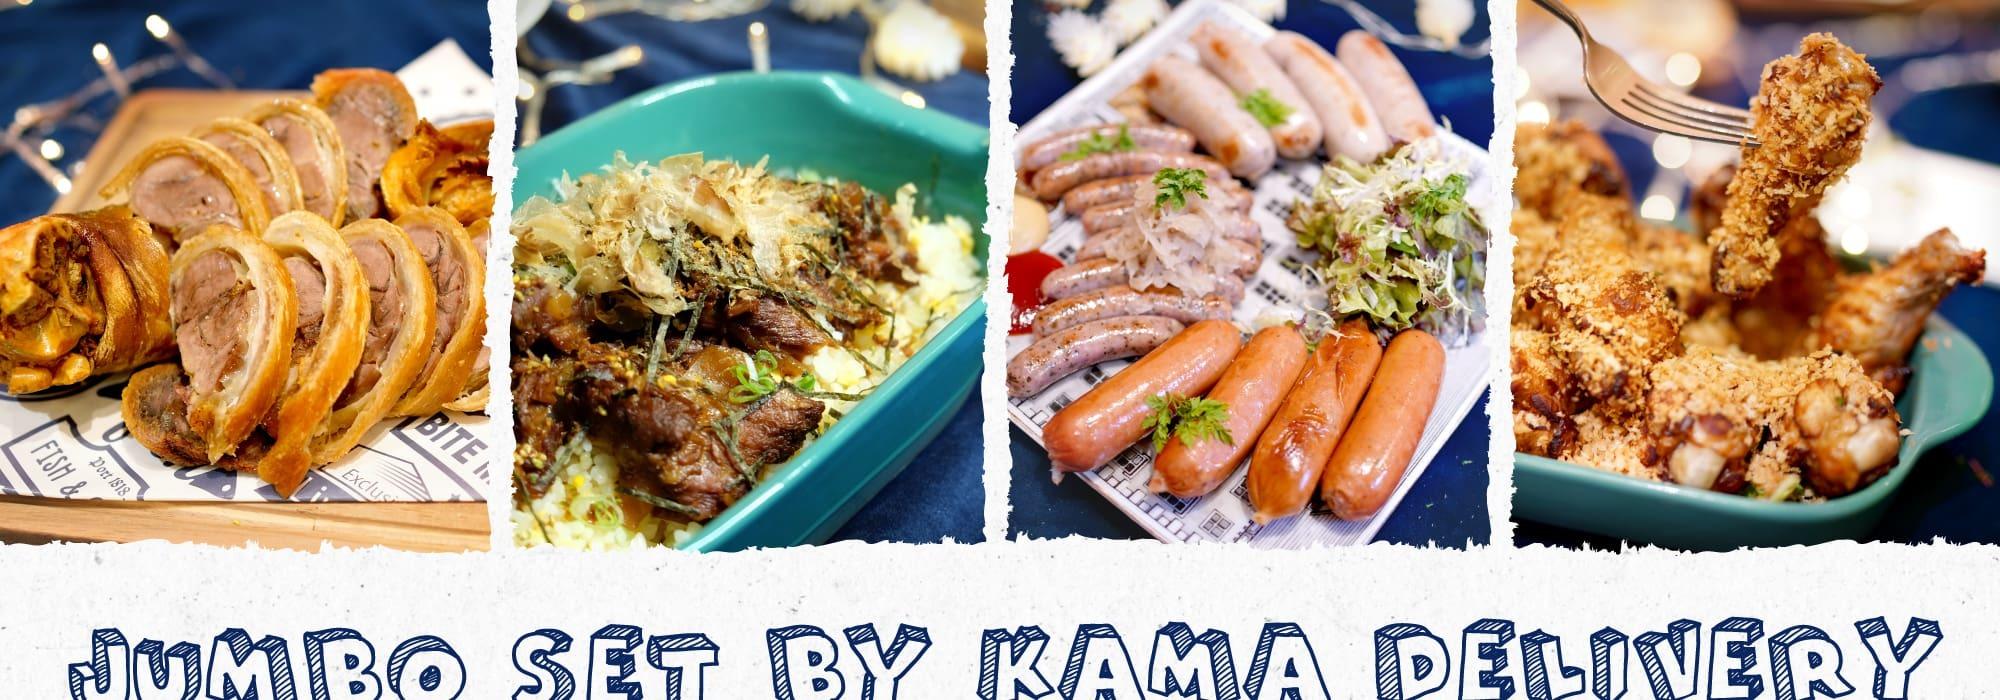 【最受歡迎25-30人到會套餐推薦】|Kama Delivery到會外賣速遞服務